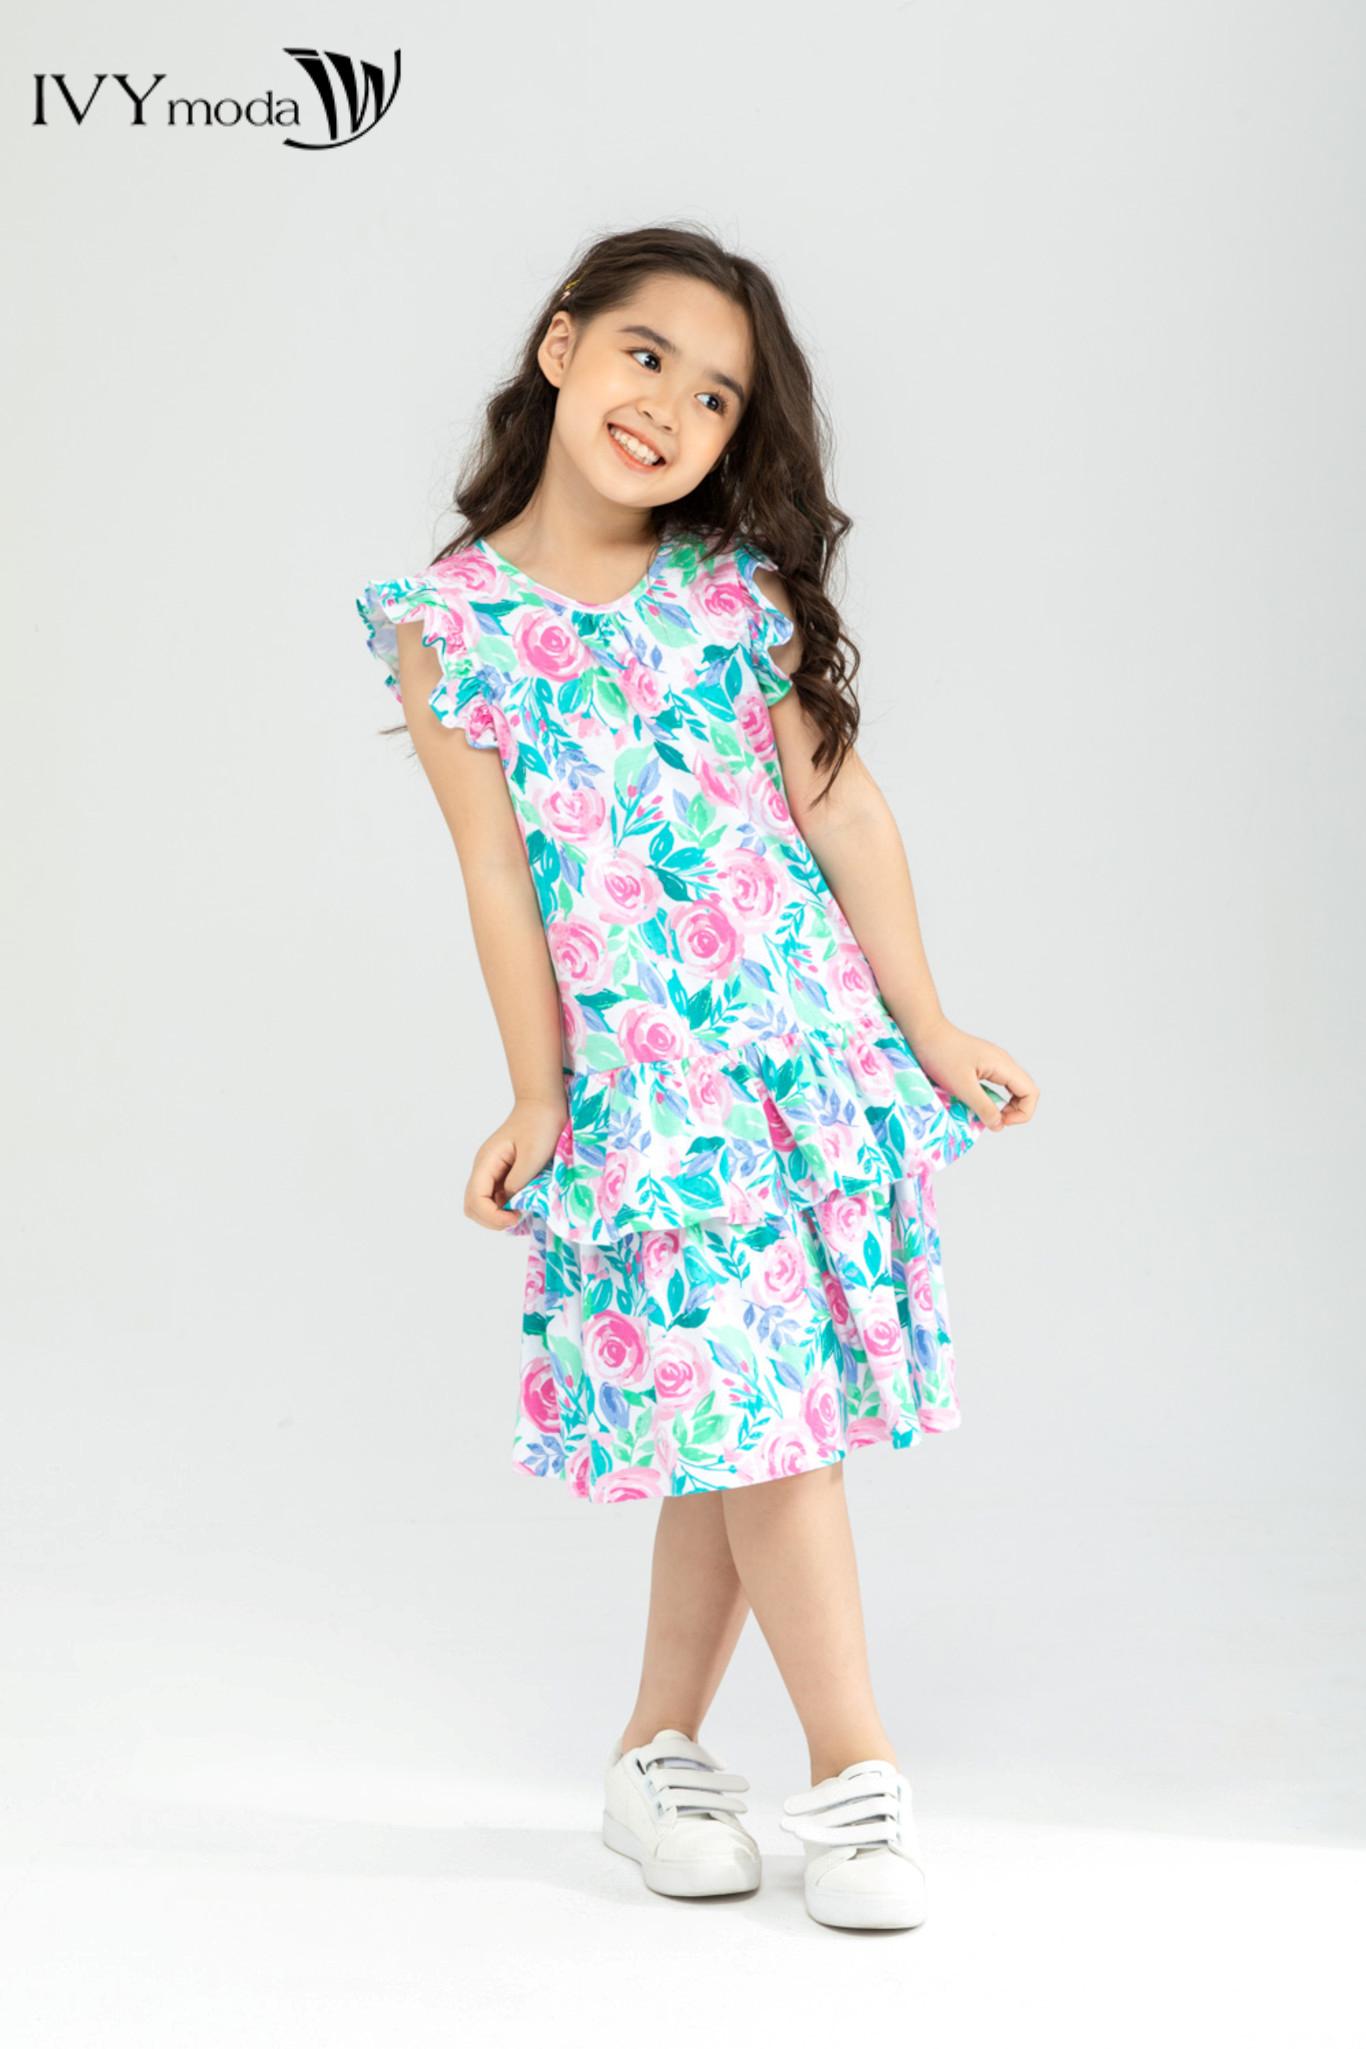 Đầm thun bé gái họa tiết hoa xinh xắn IVY moda MS 42G1307